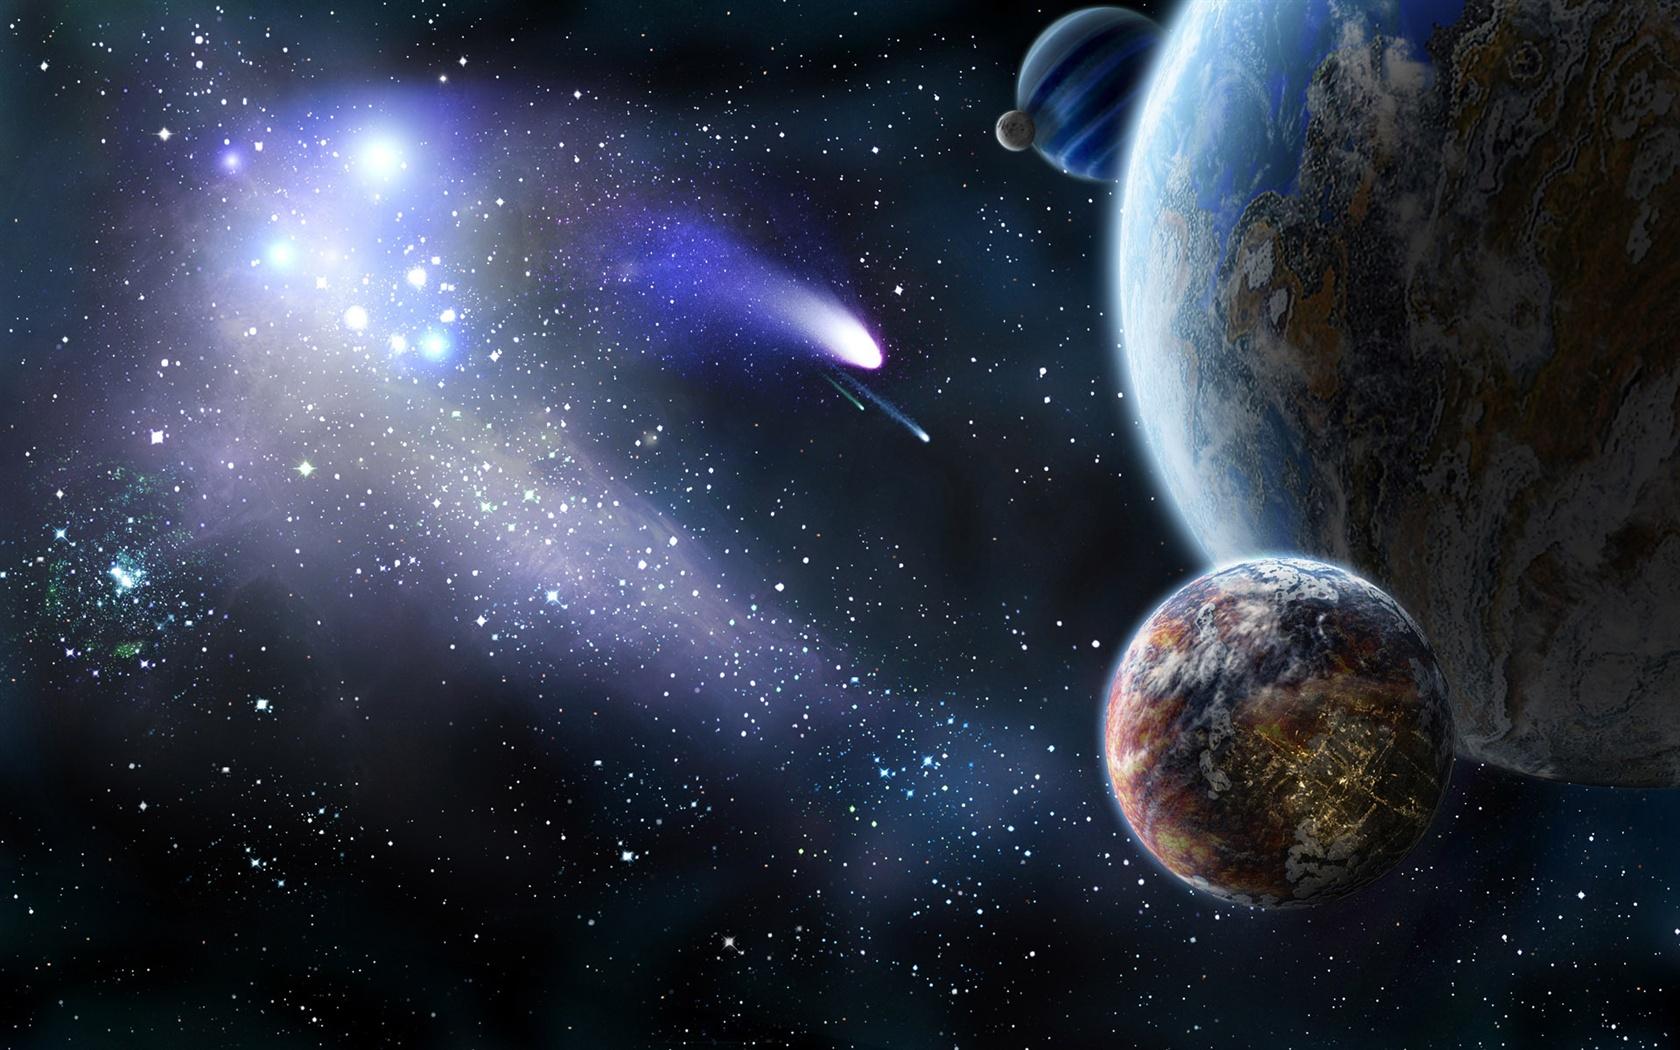 Fonds d'écran Planète et la comète dans l'espace 1920x1200 HD image